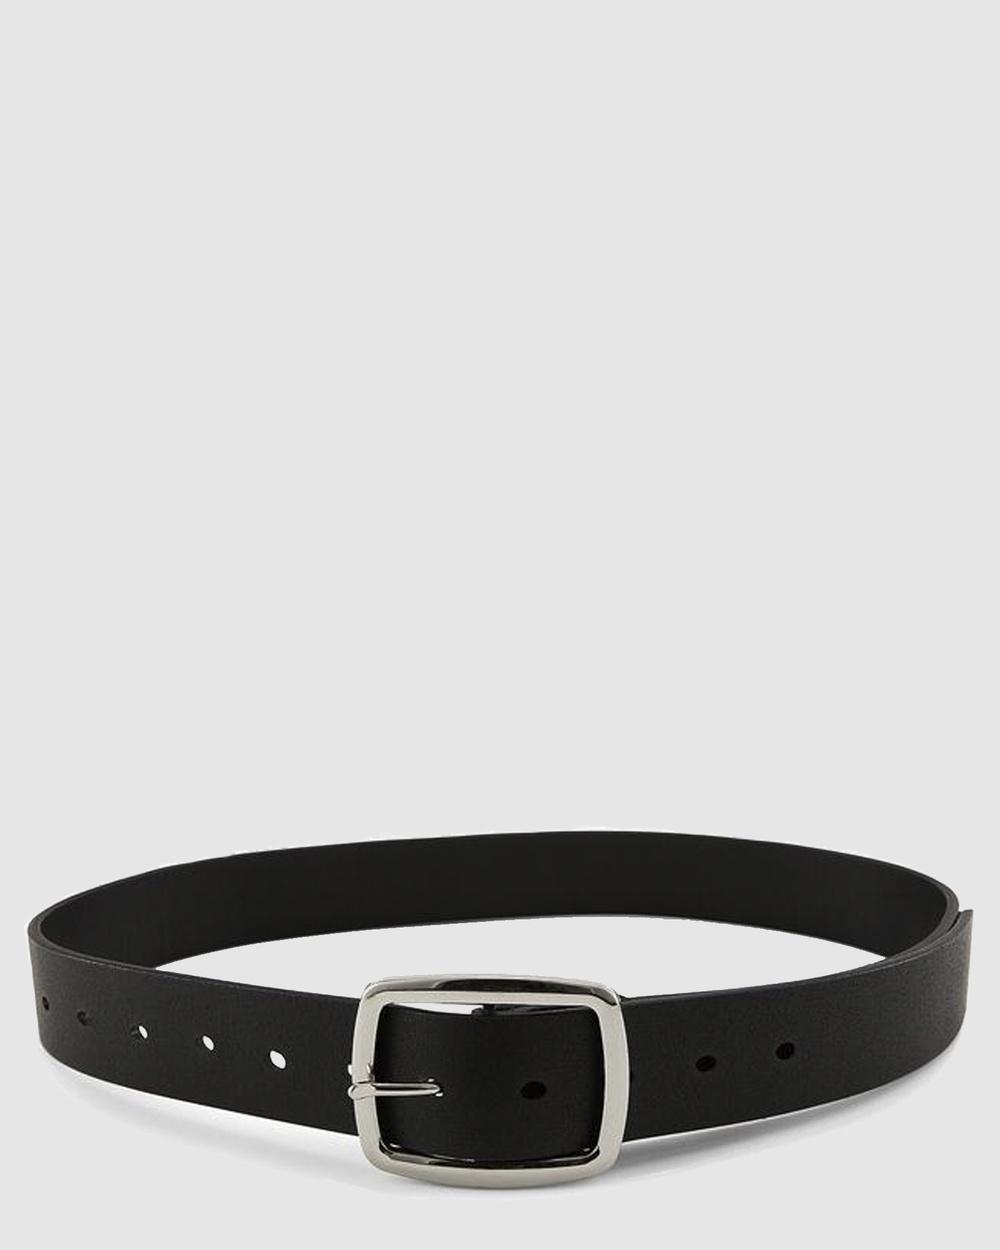 Nakedvice The Zayn Belts Silver